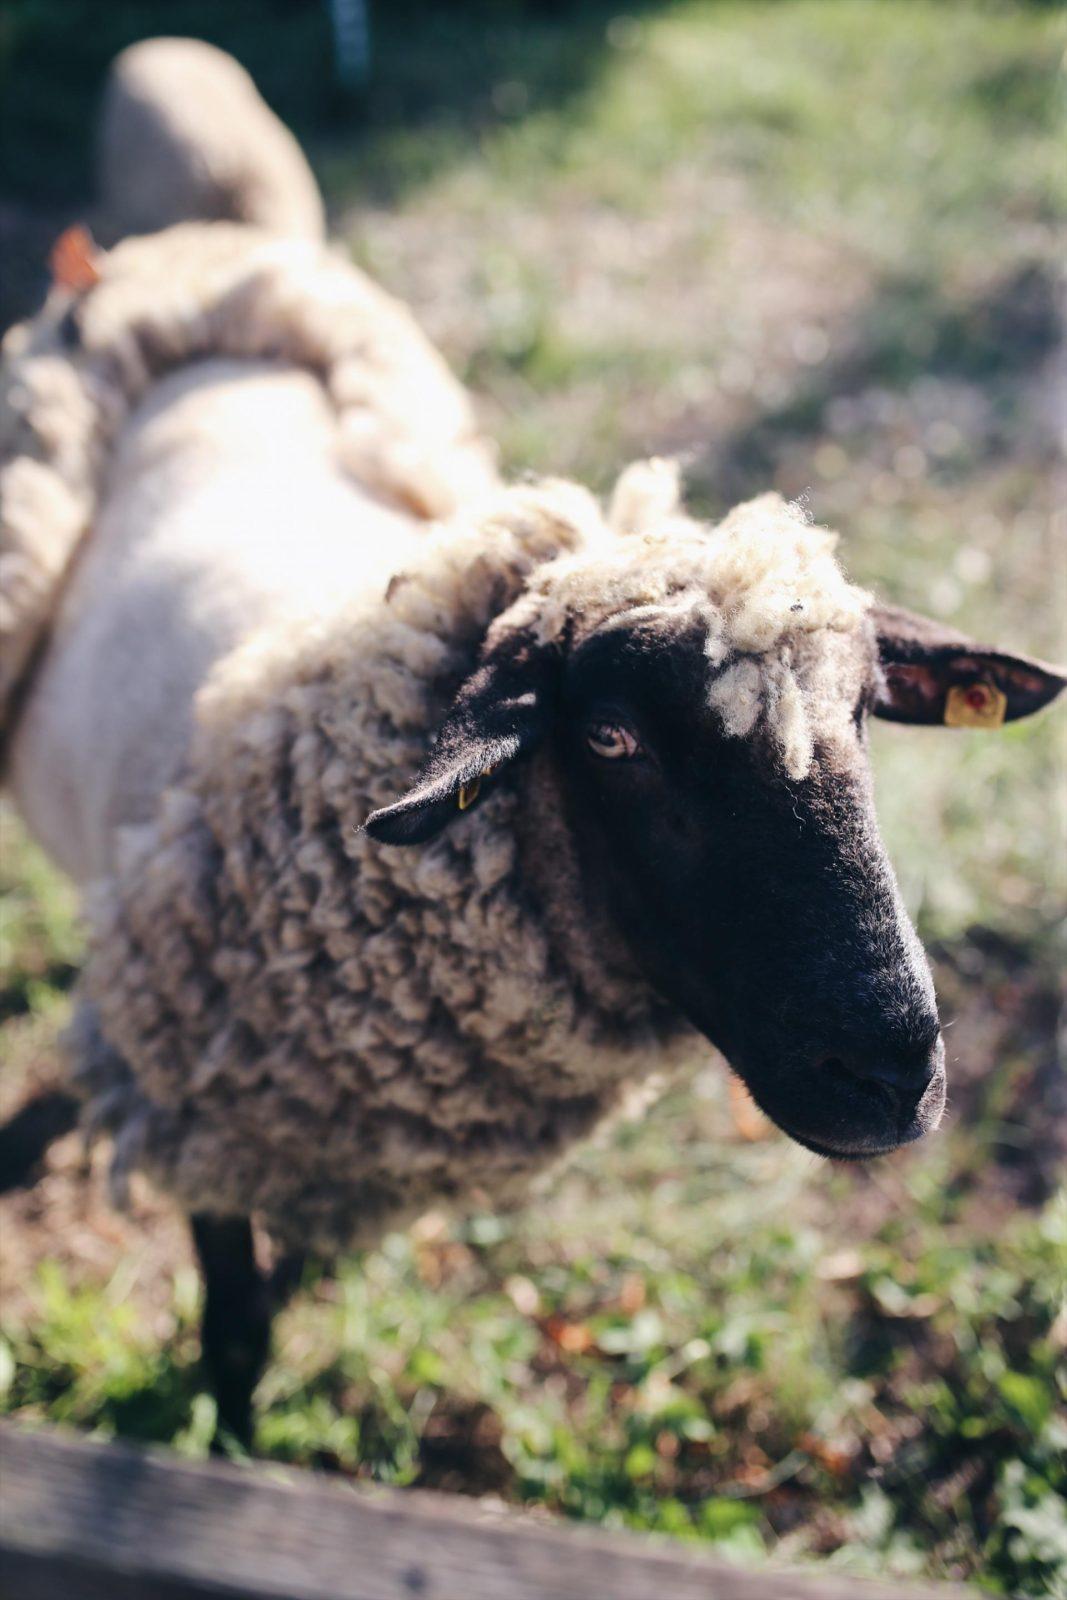 Insel Usedom mal anders: Familienurlaub am Peenestrom im Hinterland | #Usedom #Ottoliving #Achterwasser #Peenestrom #Urlaubmitkindern #UrlaubinDeutschland | Pinspiration.de